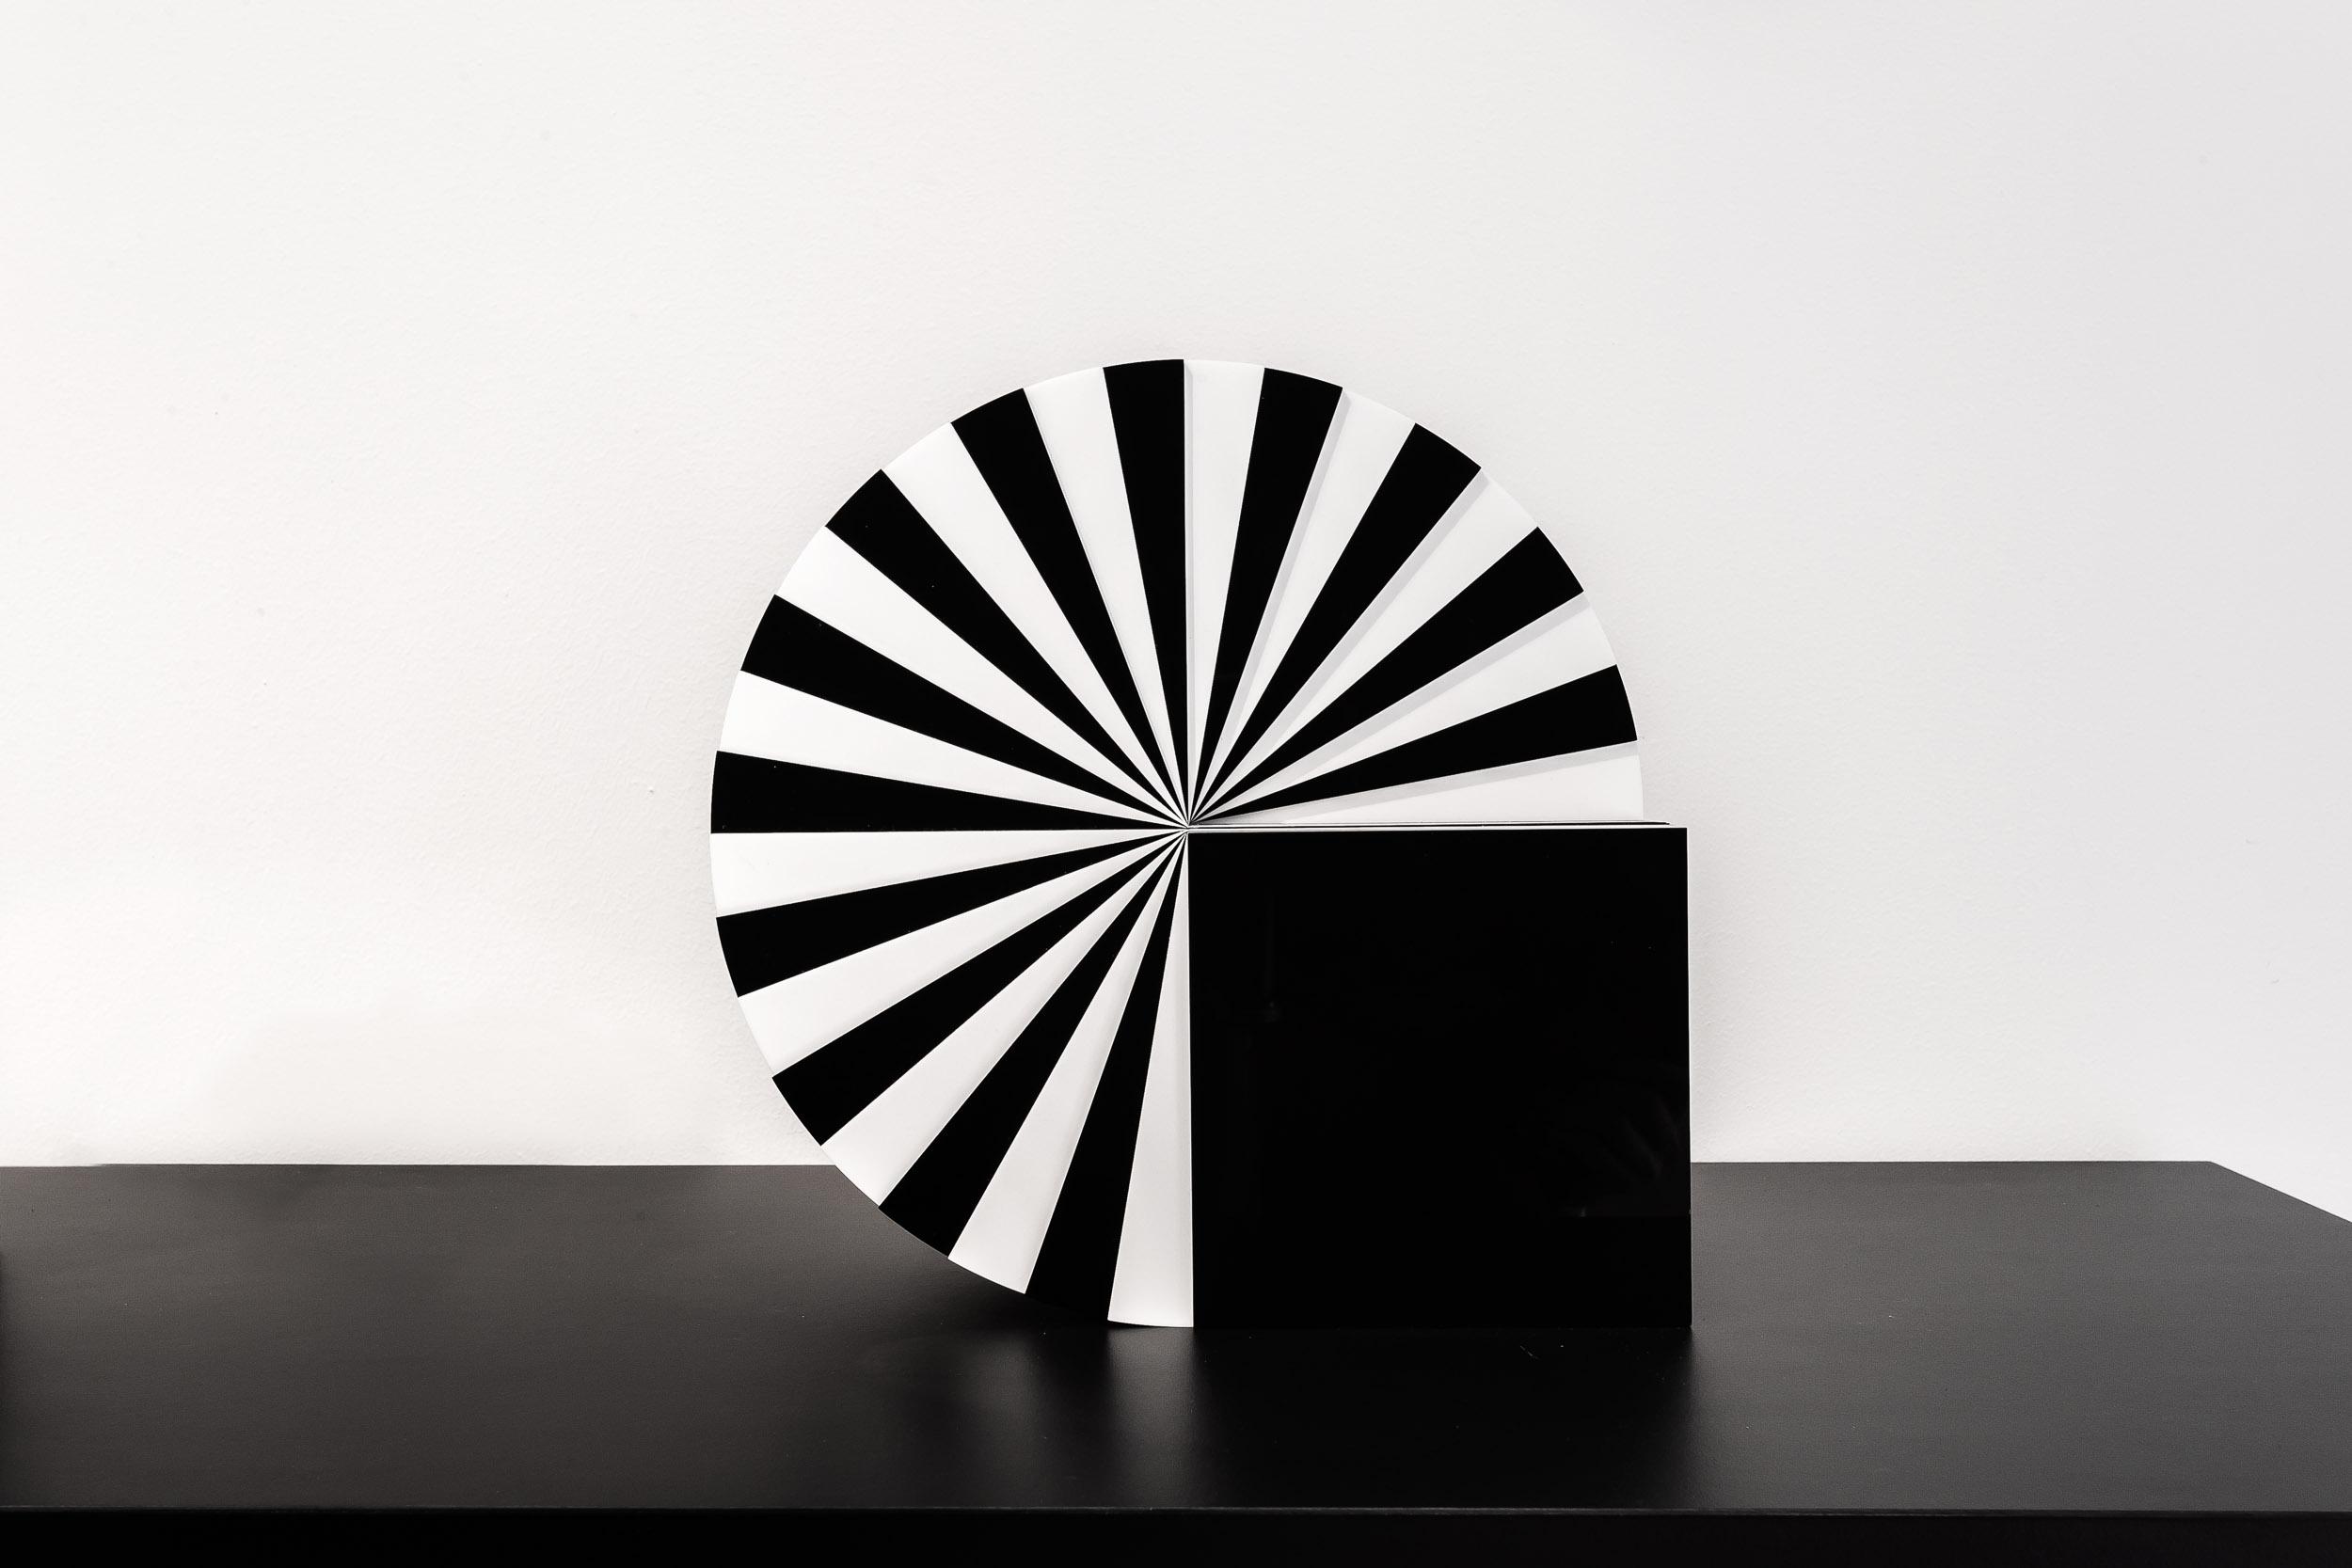 Marcello Morandini, Scultura 563, , 2010, diameter 30 x 16,5 cm, plexiglas, edition of 9 pieces